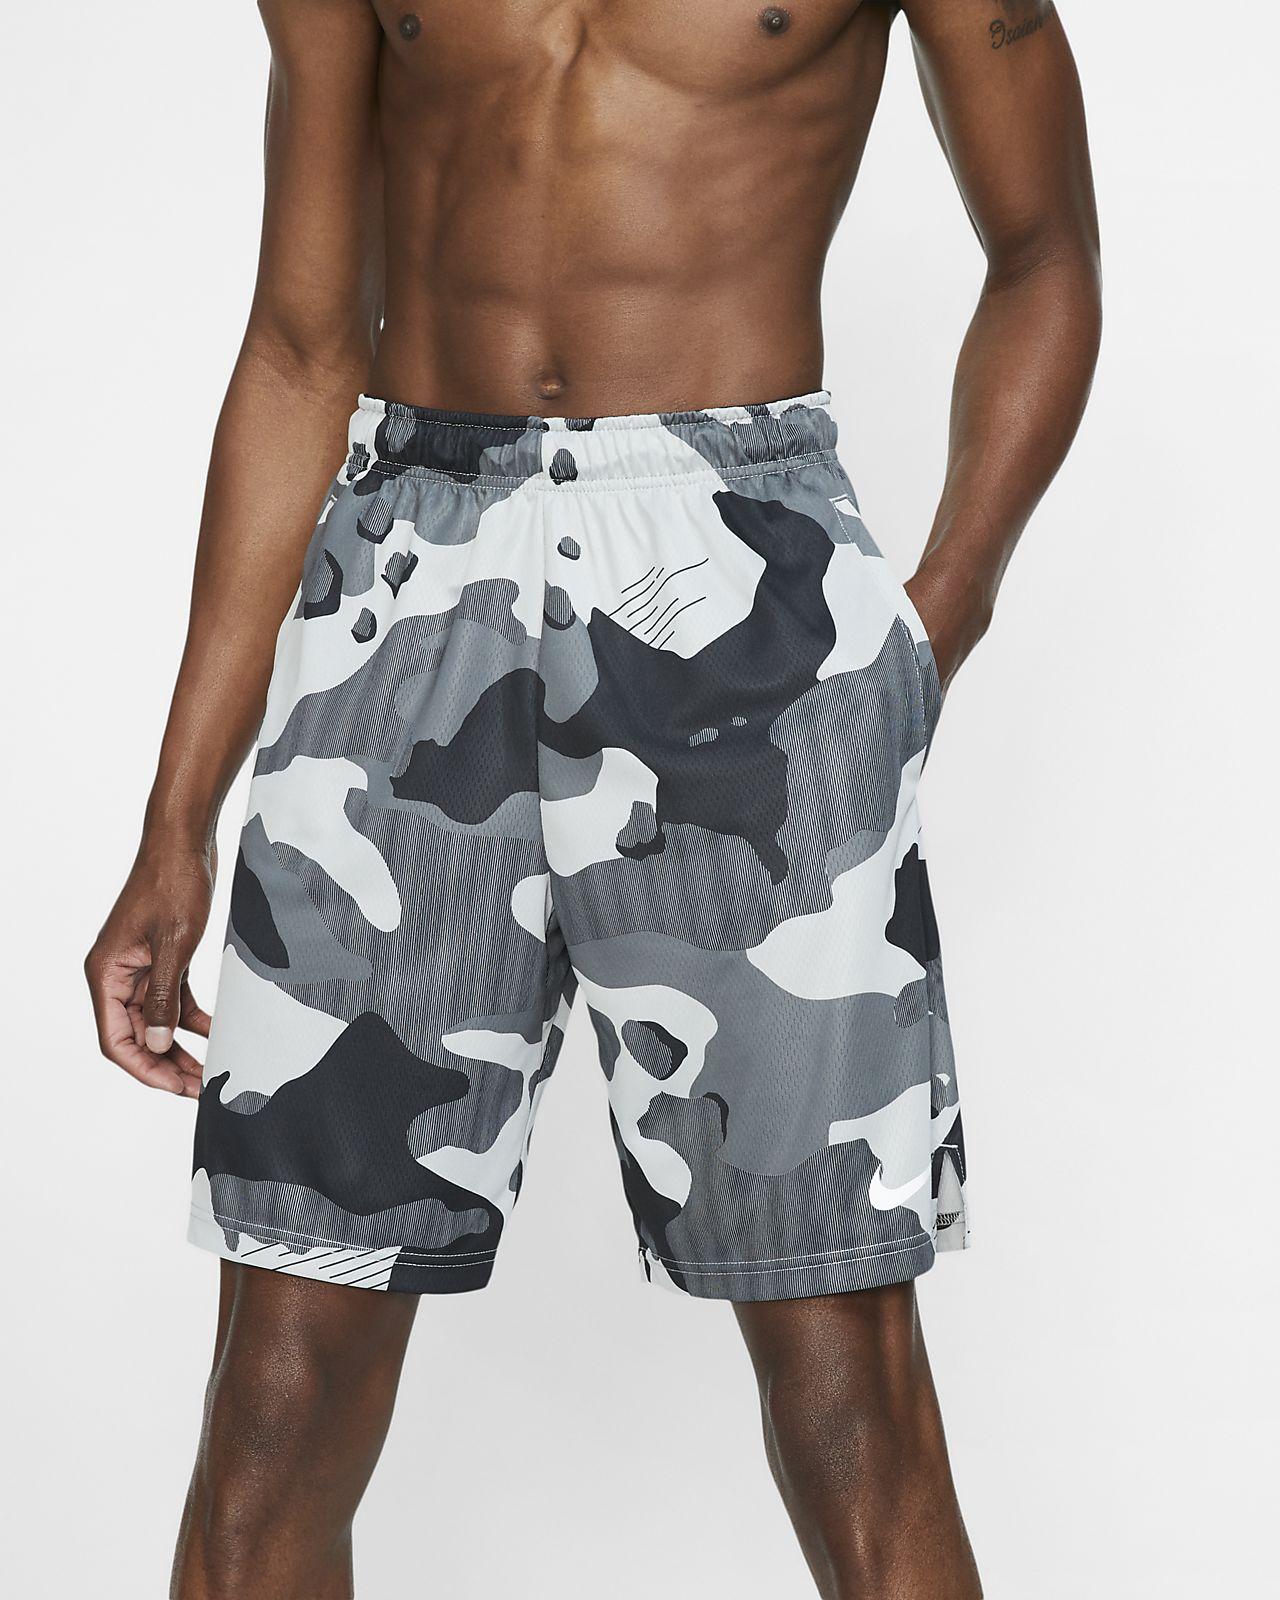 Nike Dri-FIT terepmintás férfi edzőrövidnadrág